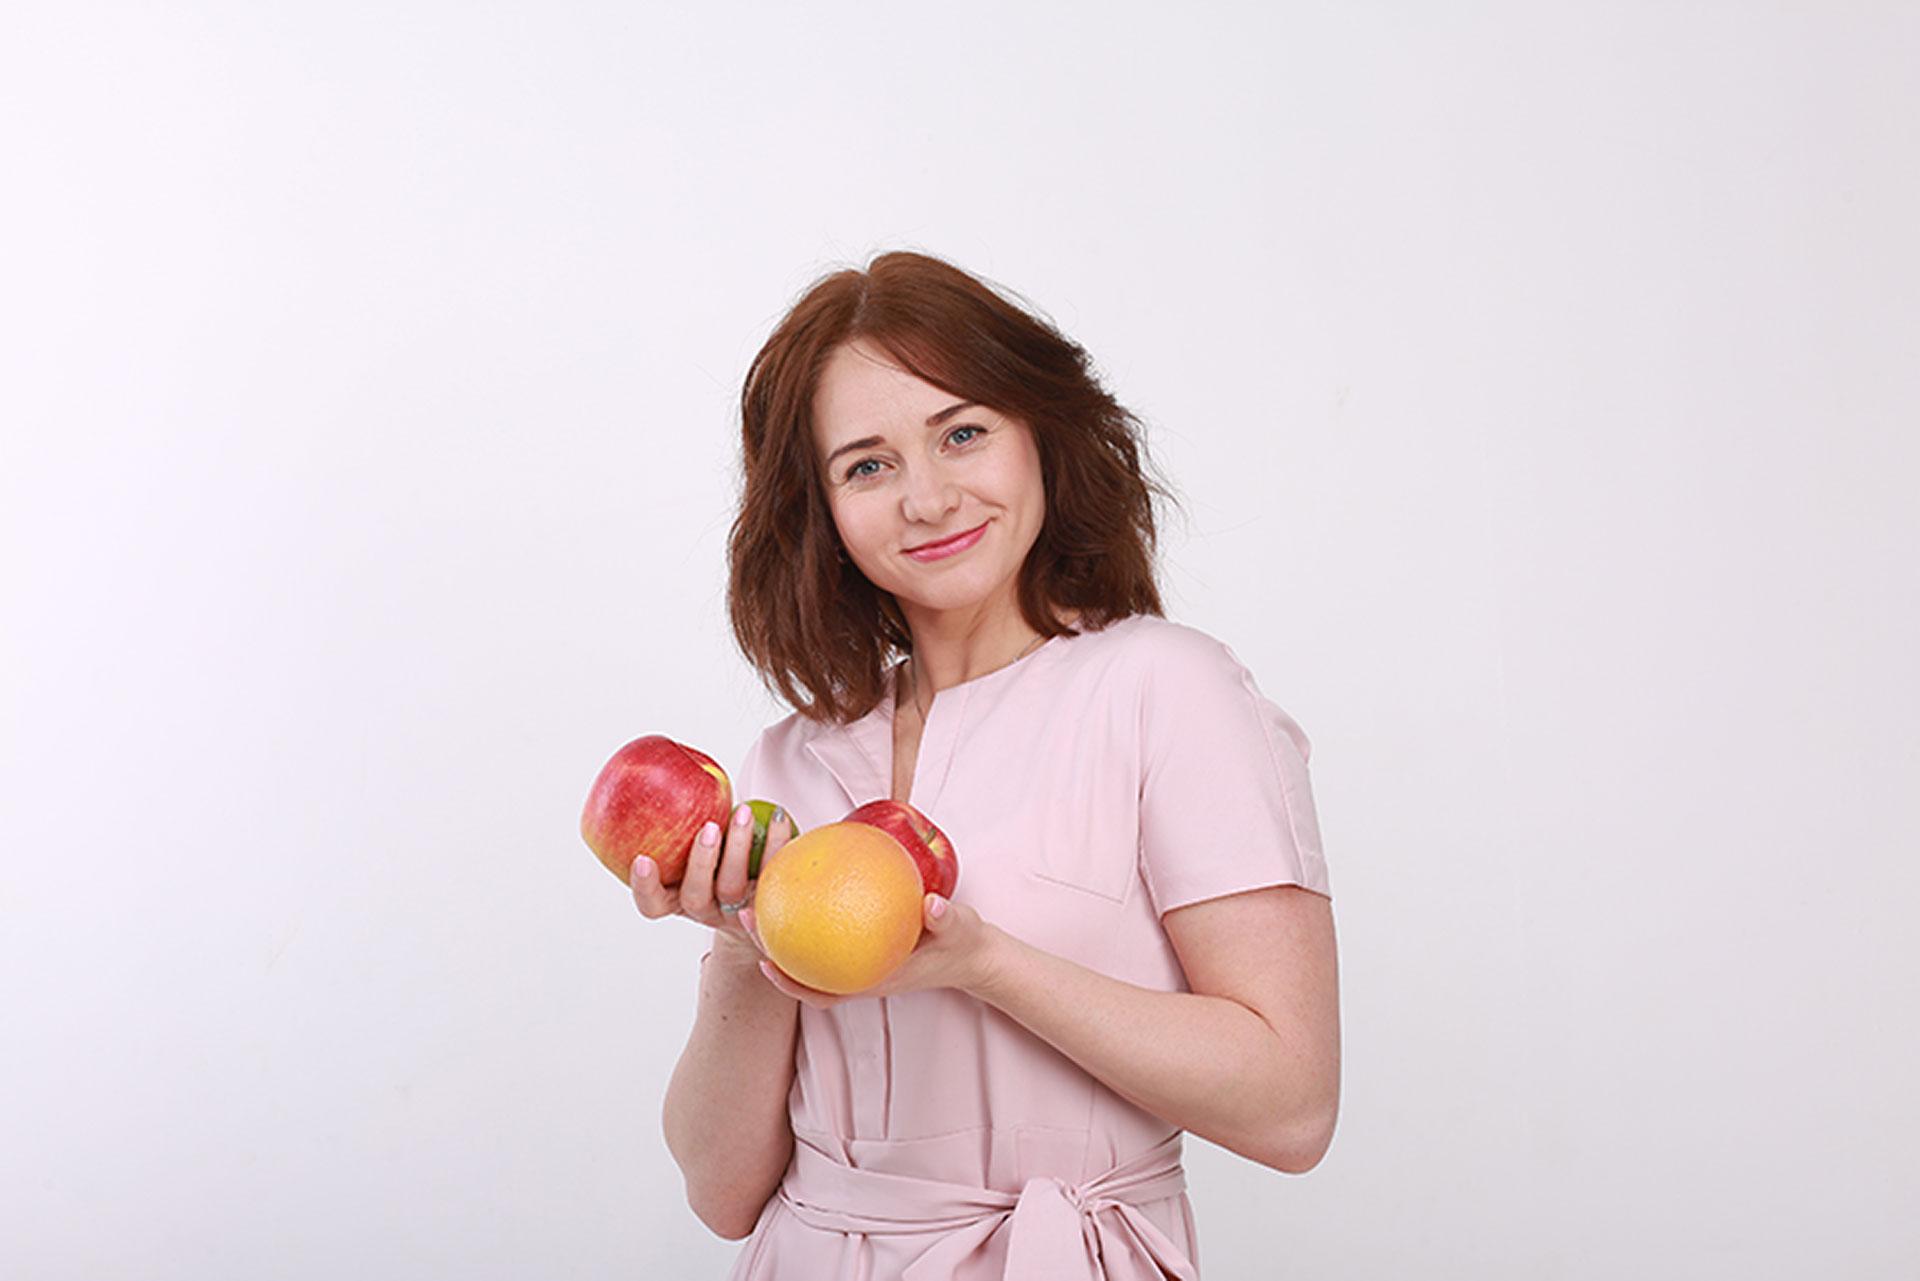 Принципы диеты при гастрите с пониженной кислотностью: расширяем границы вкусного и полезного